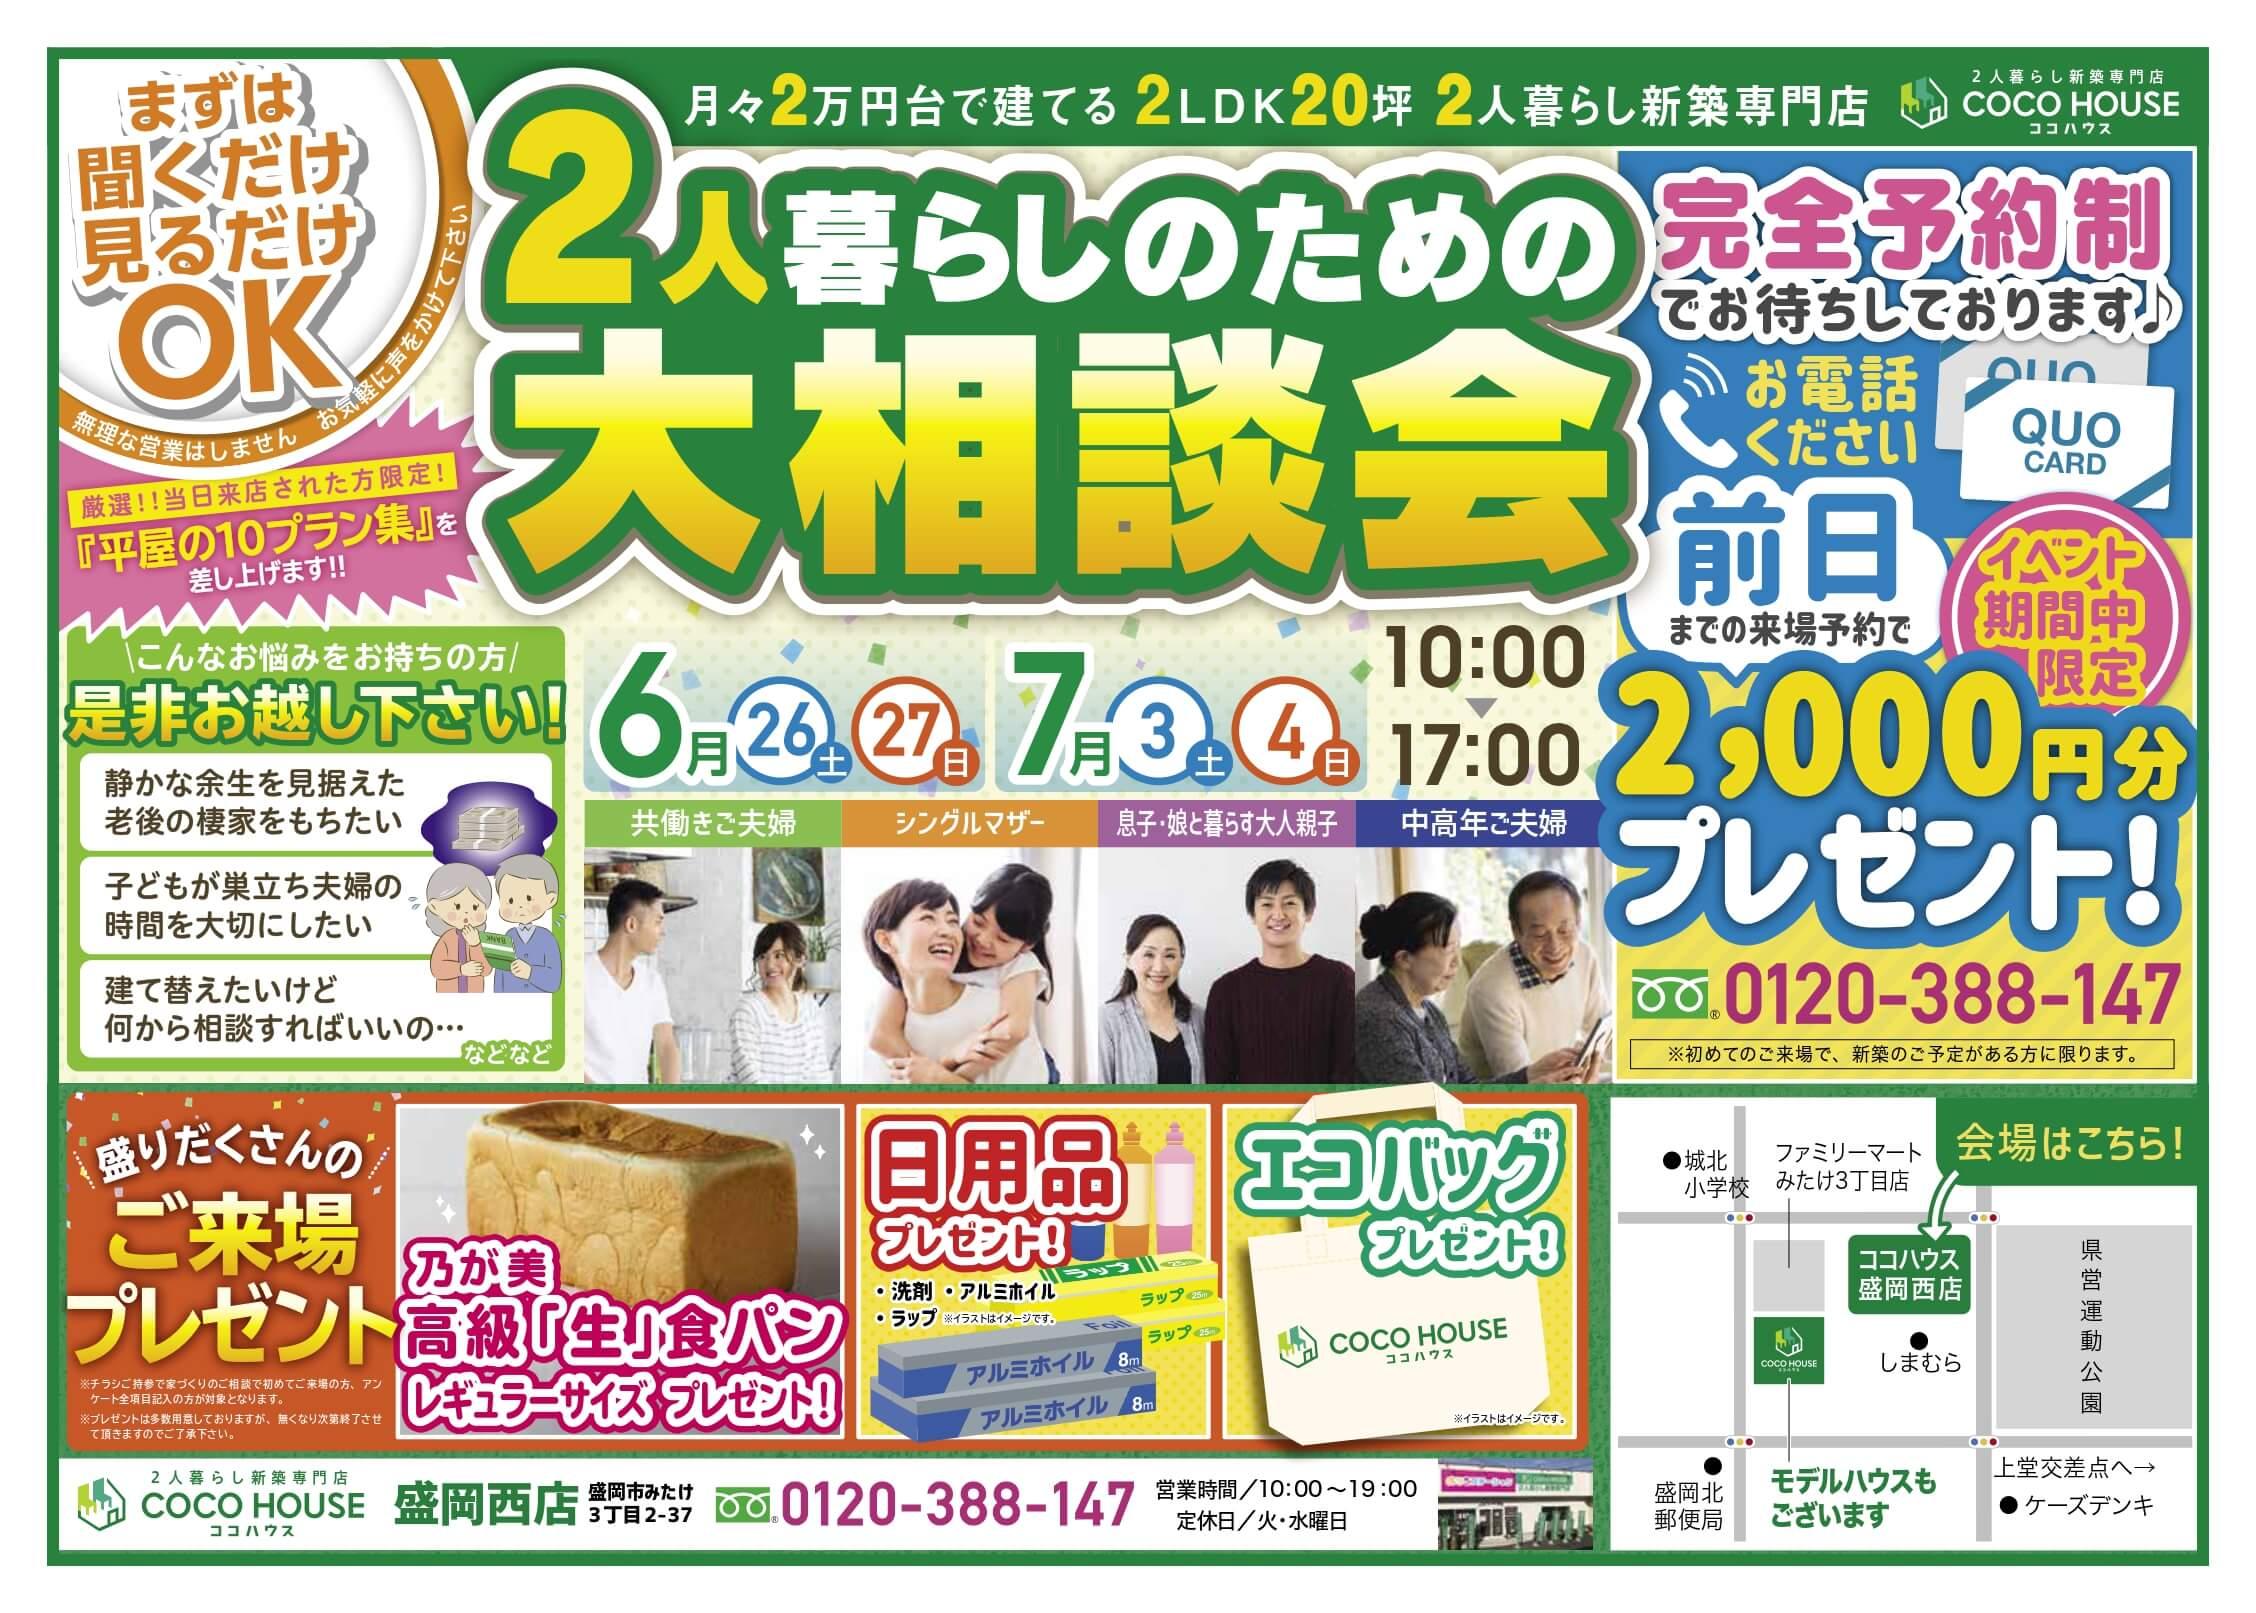 【盛岡西店】2人暮らしのための大相談会 開催!!